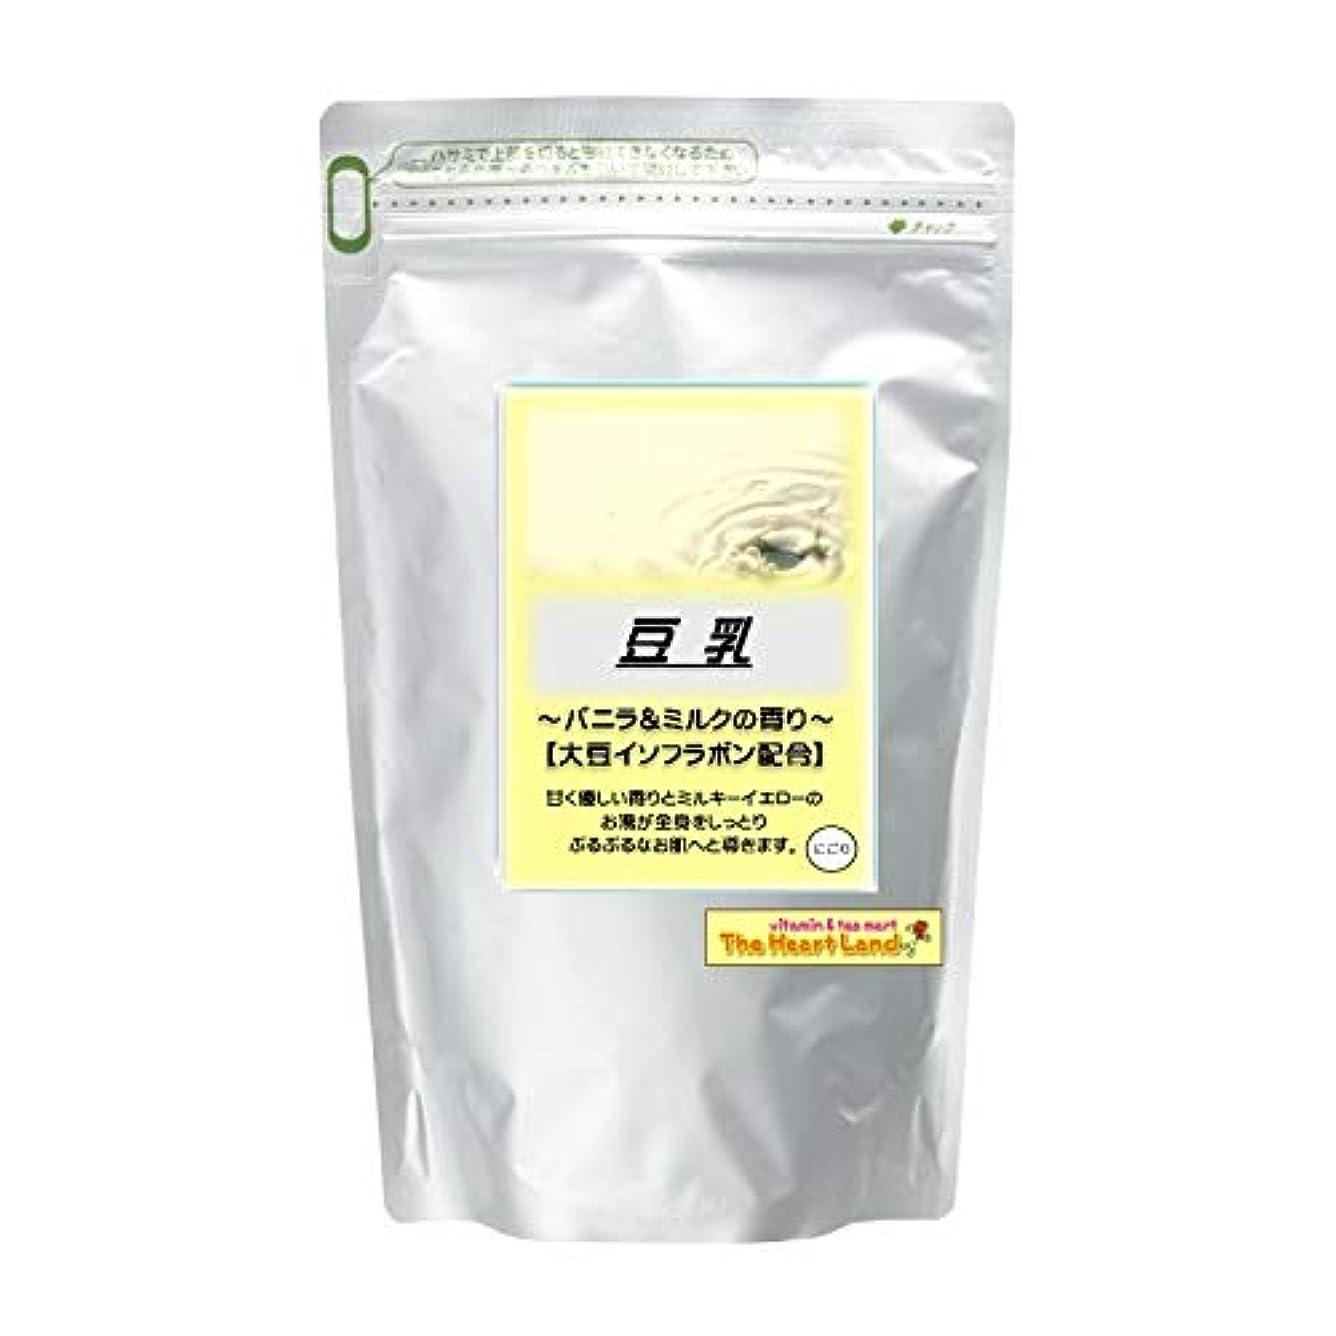 ネックレット思いやりのある接続されたアサヒ入浴剤 浴用入浴化粧品 豆乳 2.5kg